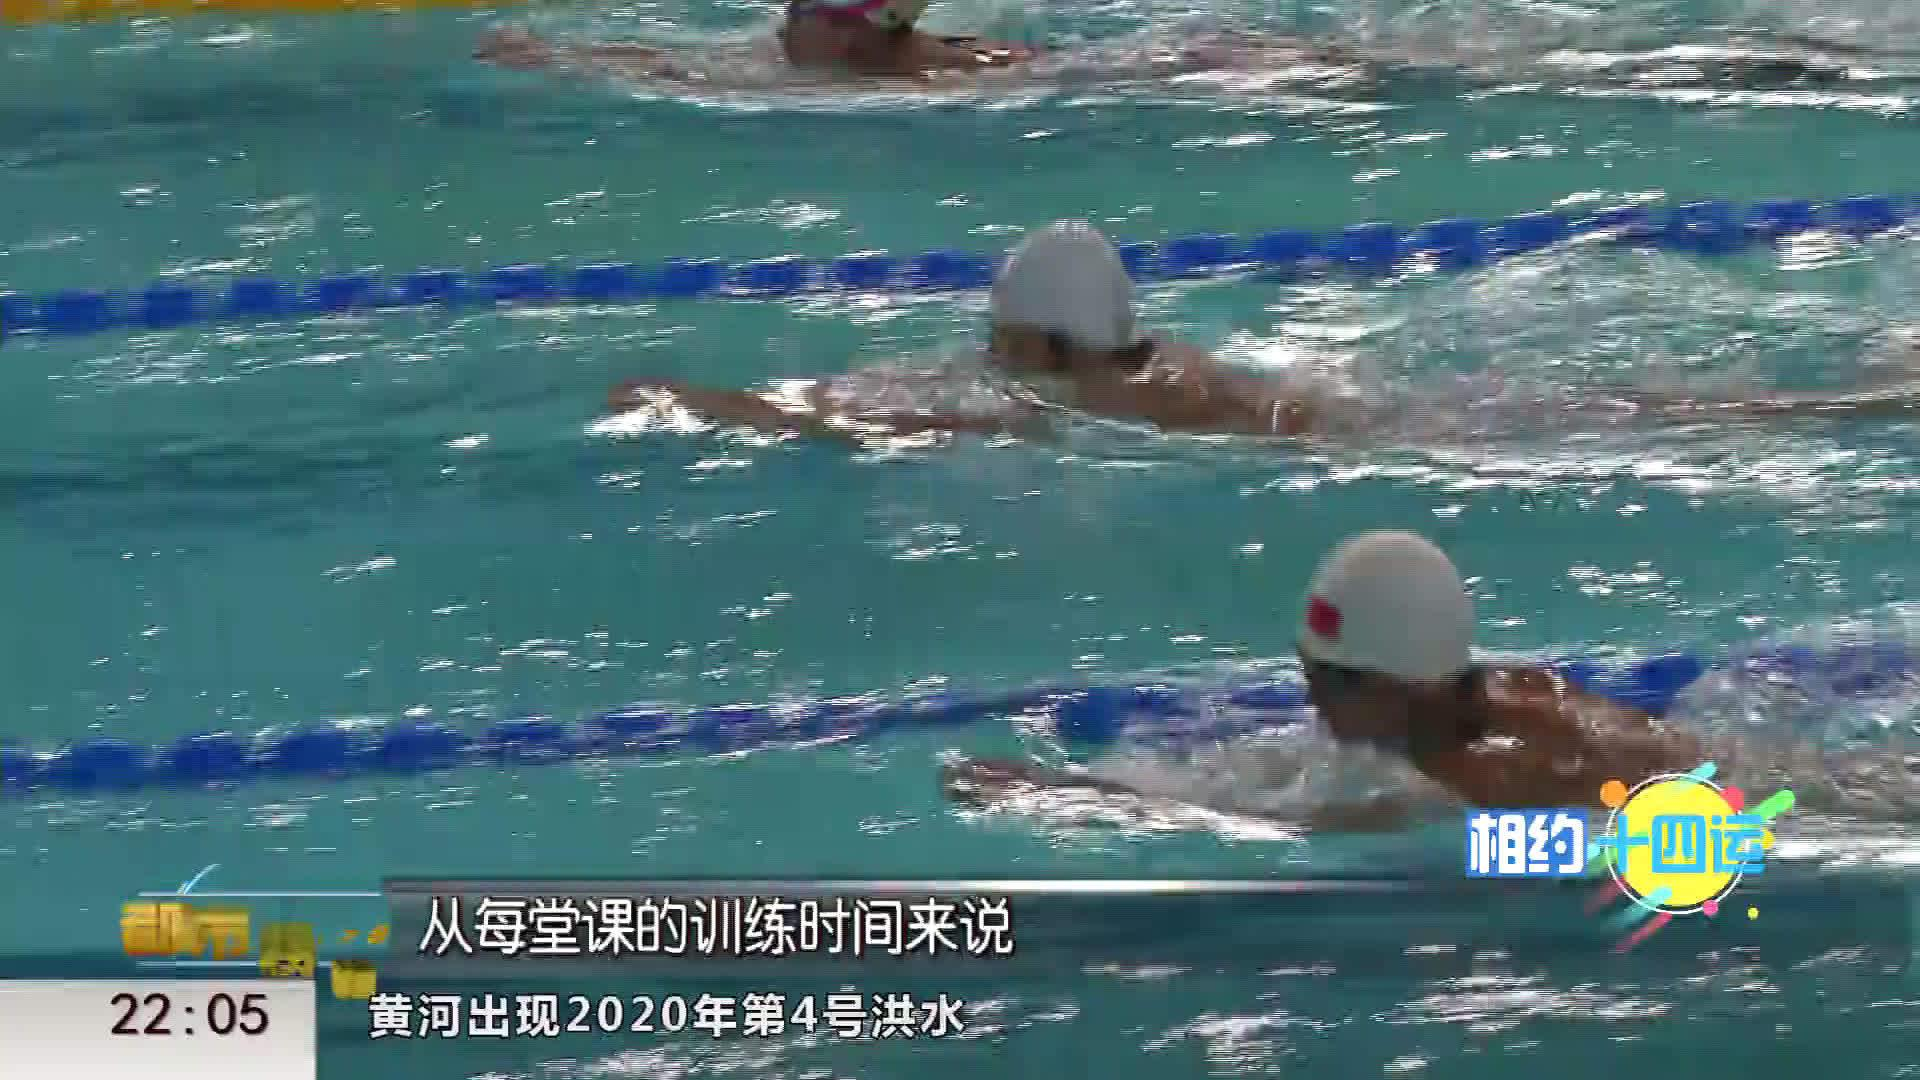 期待家门口创造历史 陕西省游泳队全力备战